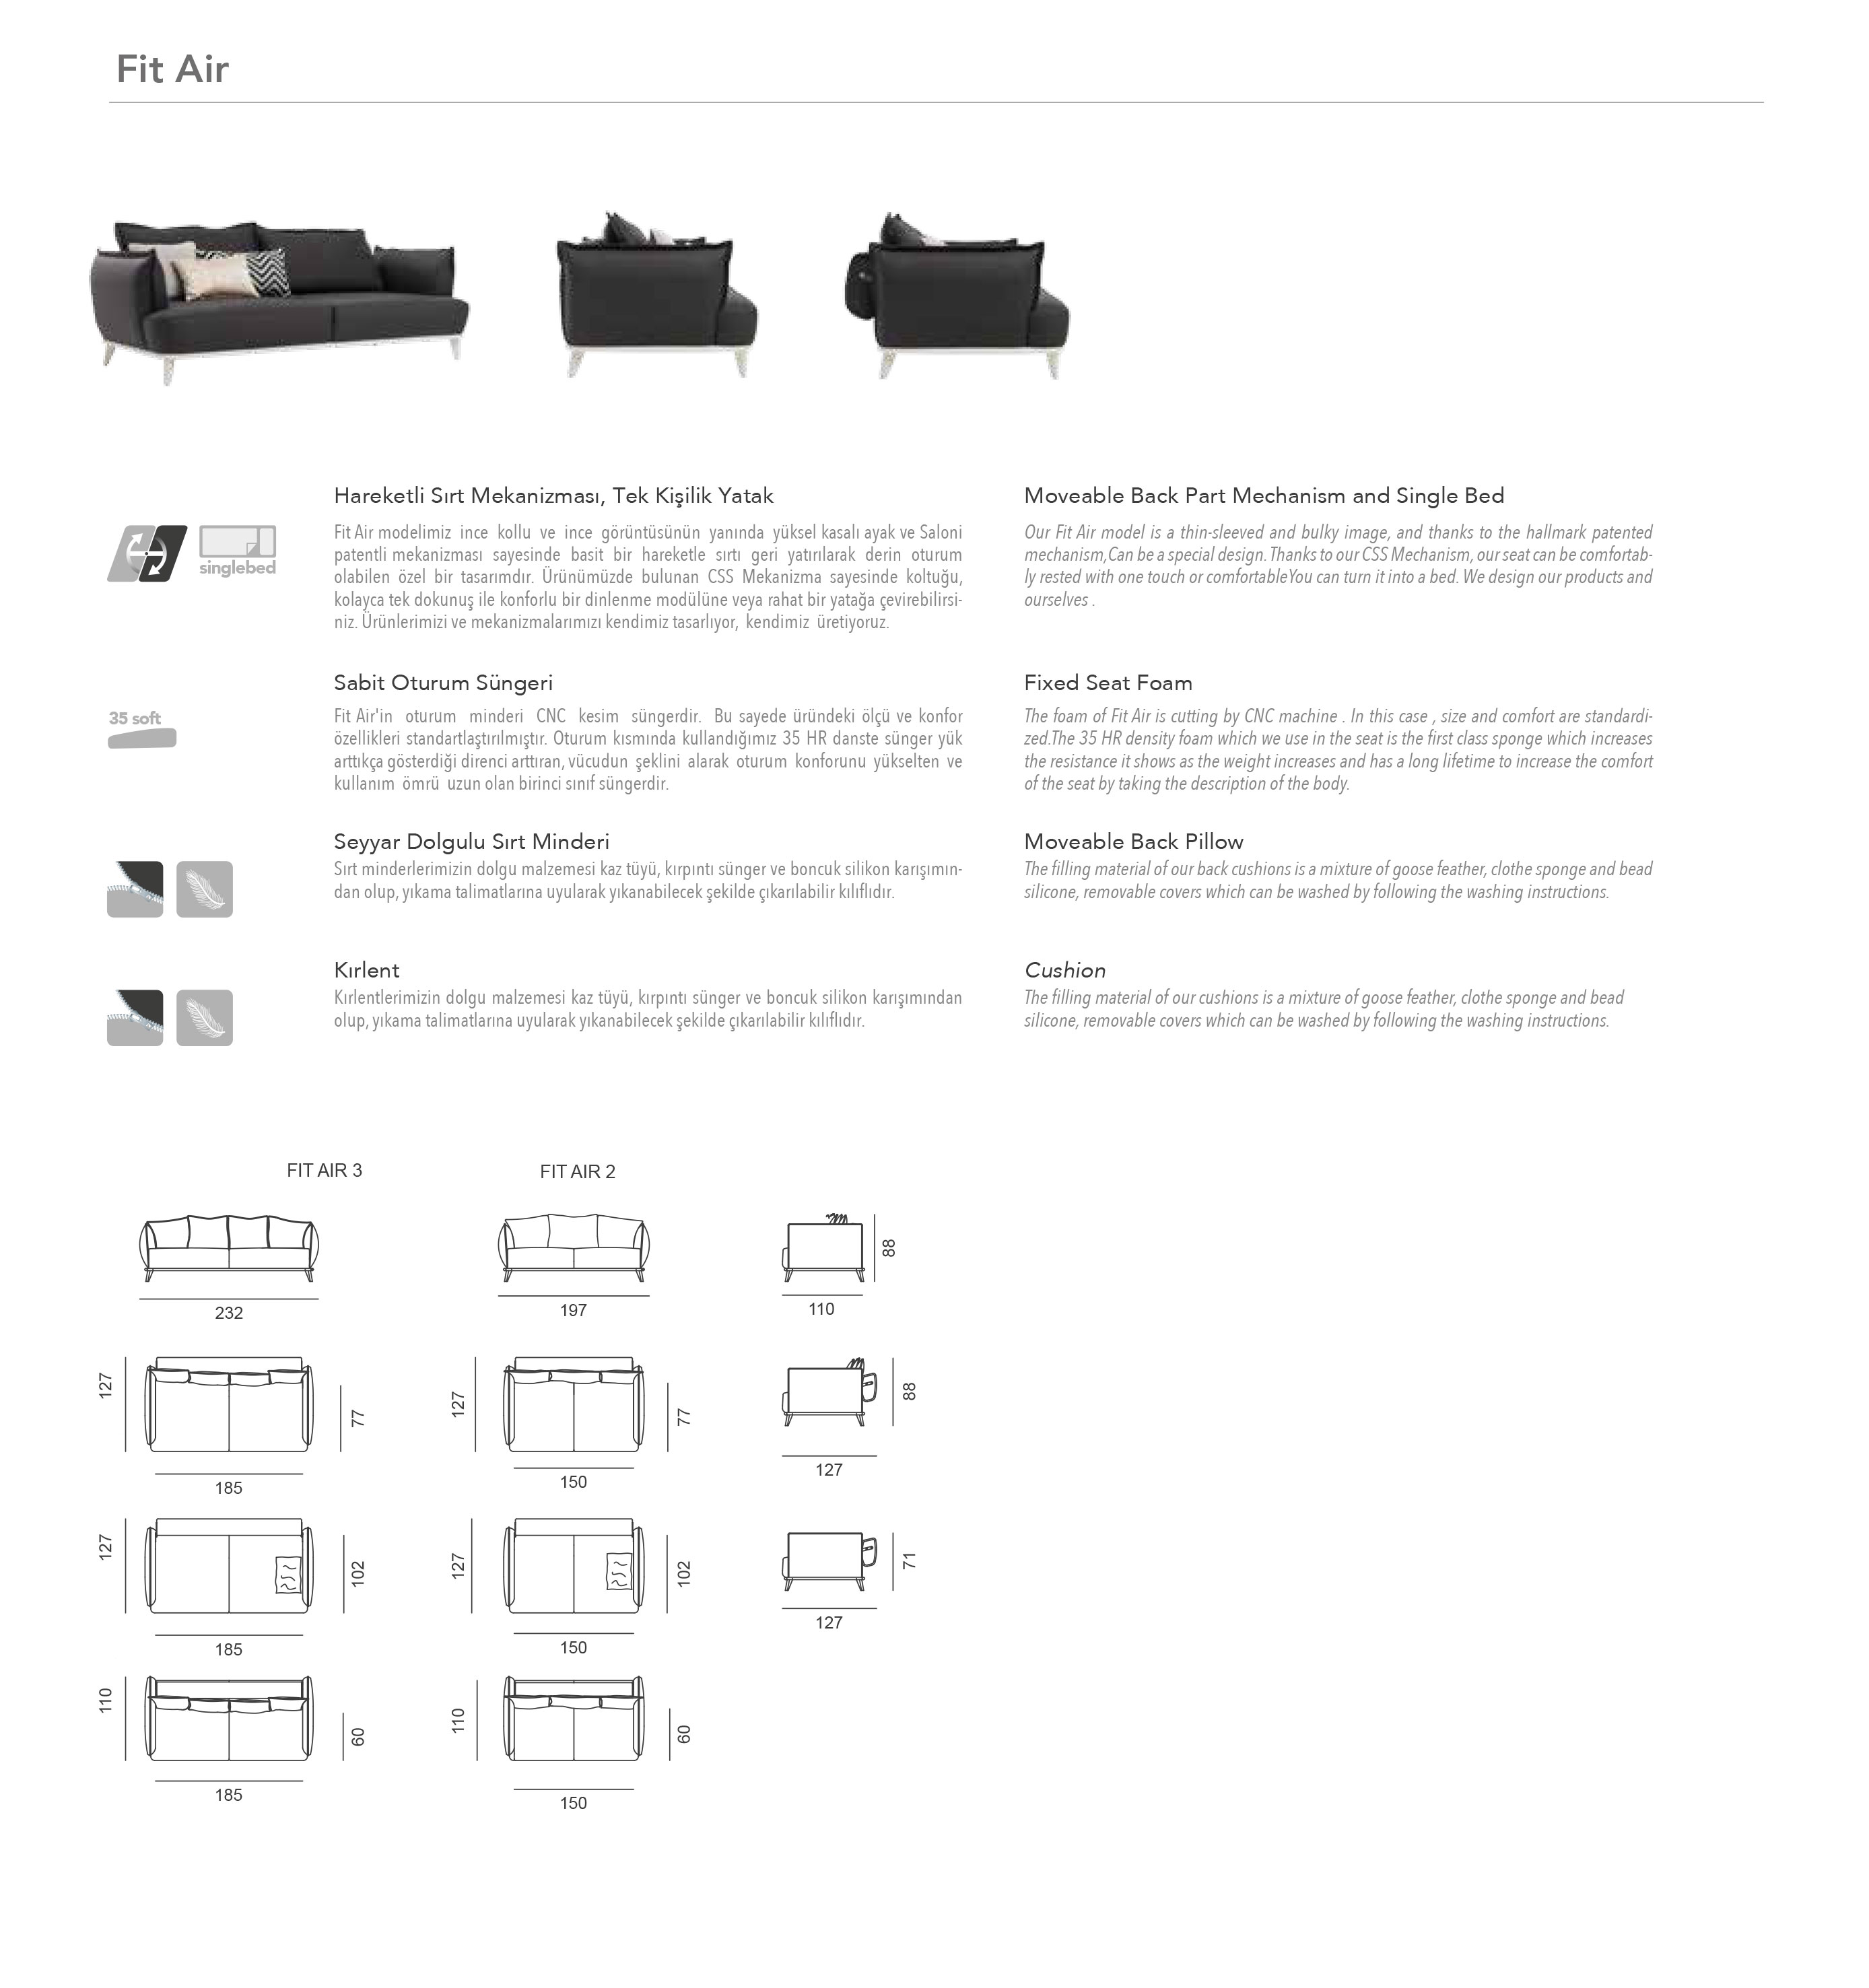 fit-air-sofa-set